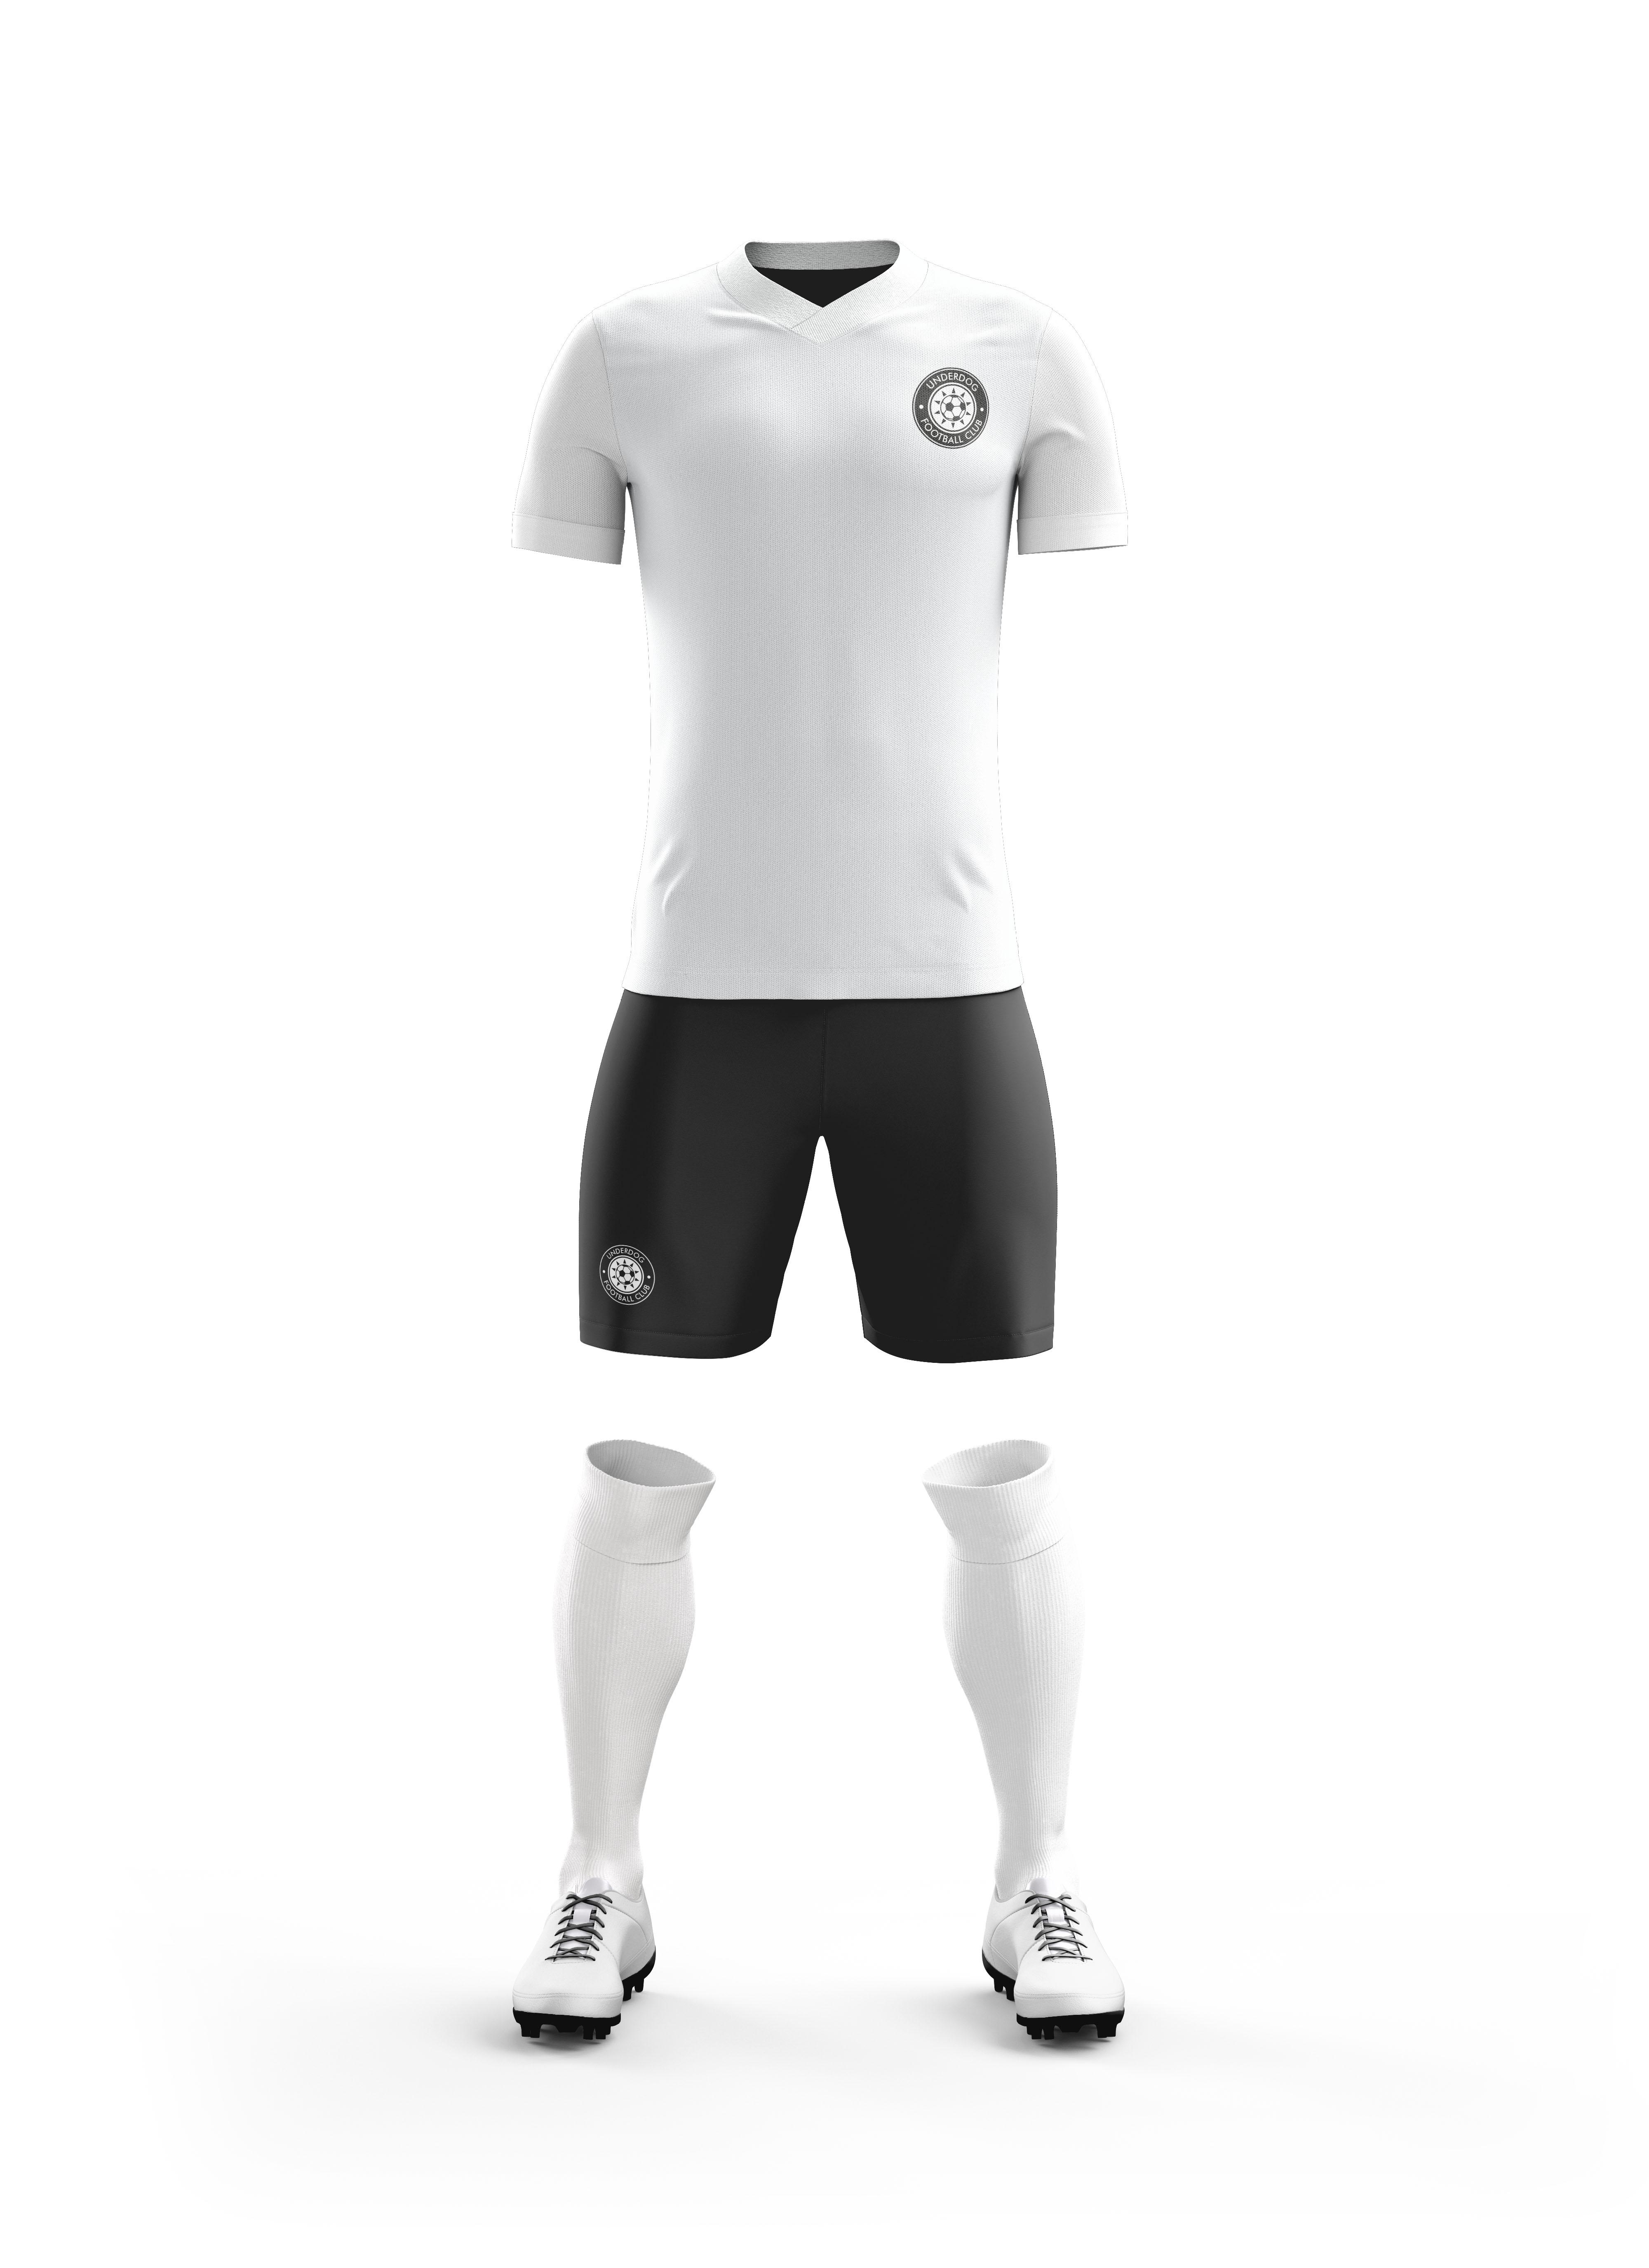 Футбольный клуб UNDERDOG - разработать фирстиль и бренд-бук фото f_6385cb0b09aeef08.jpg